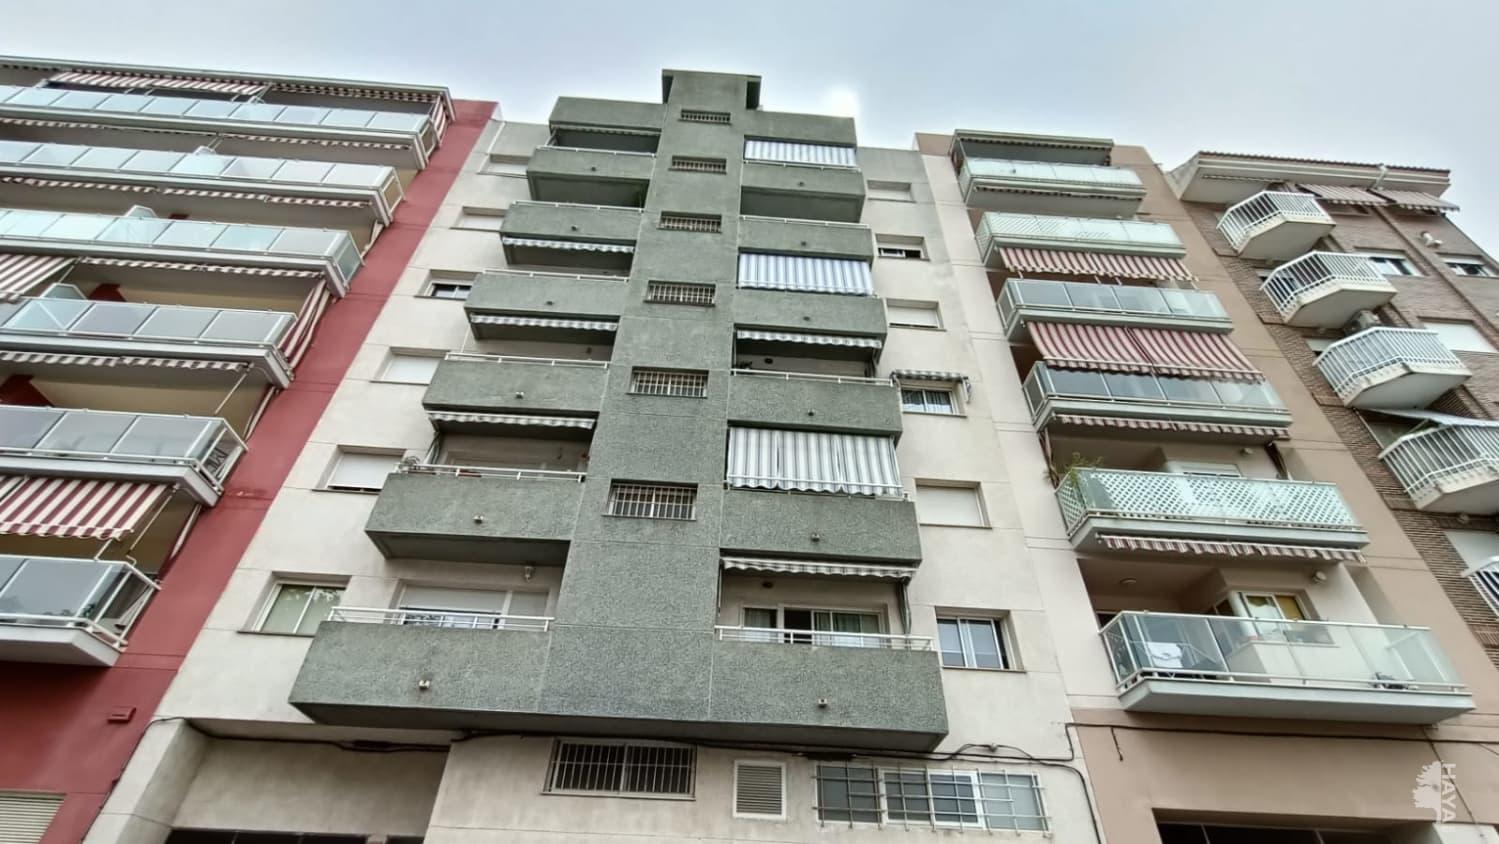 Piso en venta en Gandia, Valencia, Calle Monduber, 101.300 €, 3 habitaciones, 2 baños, 122 m2